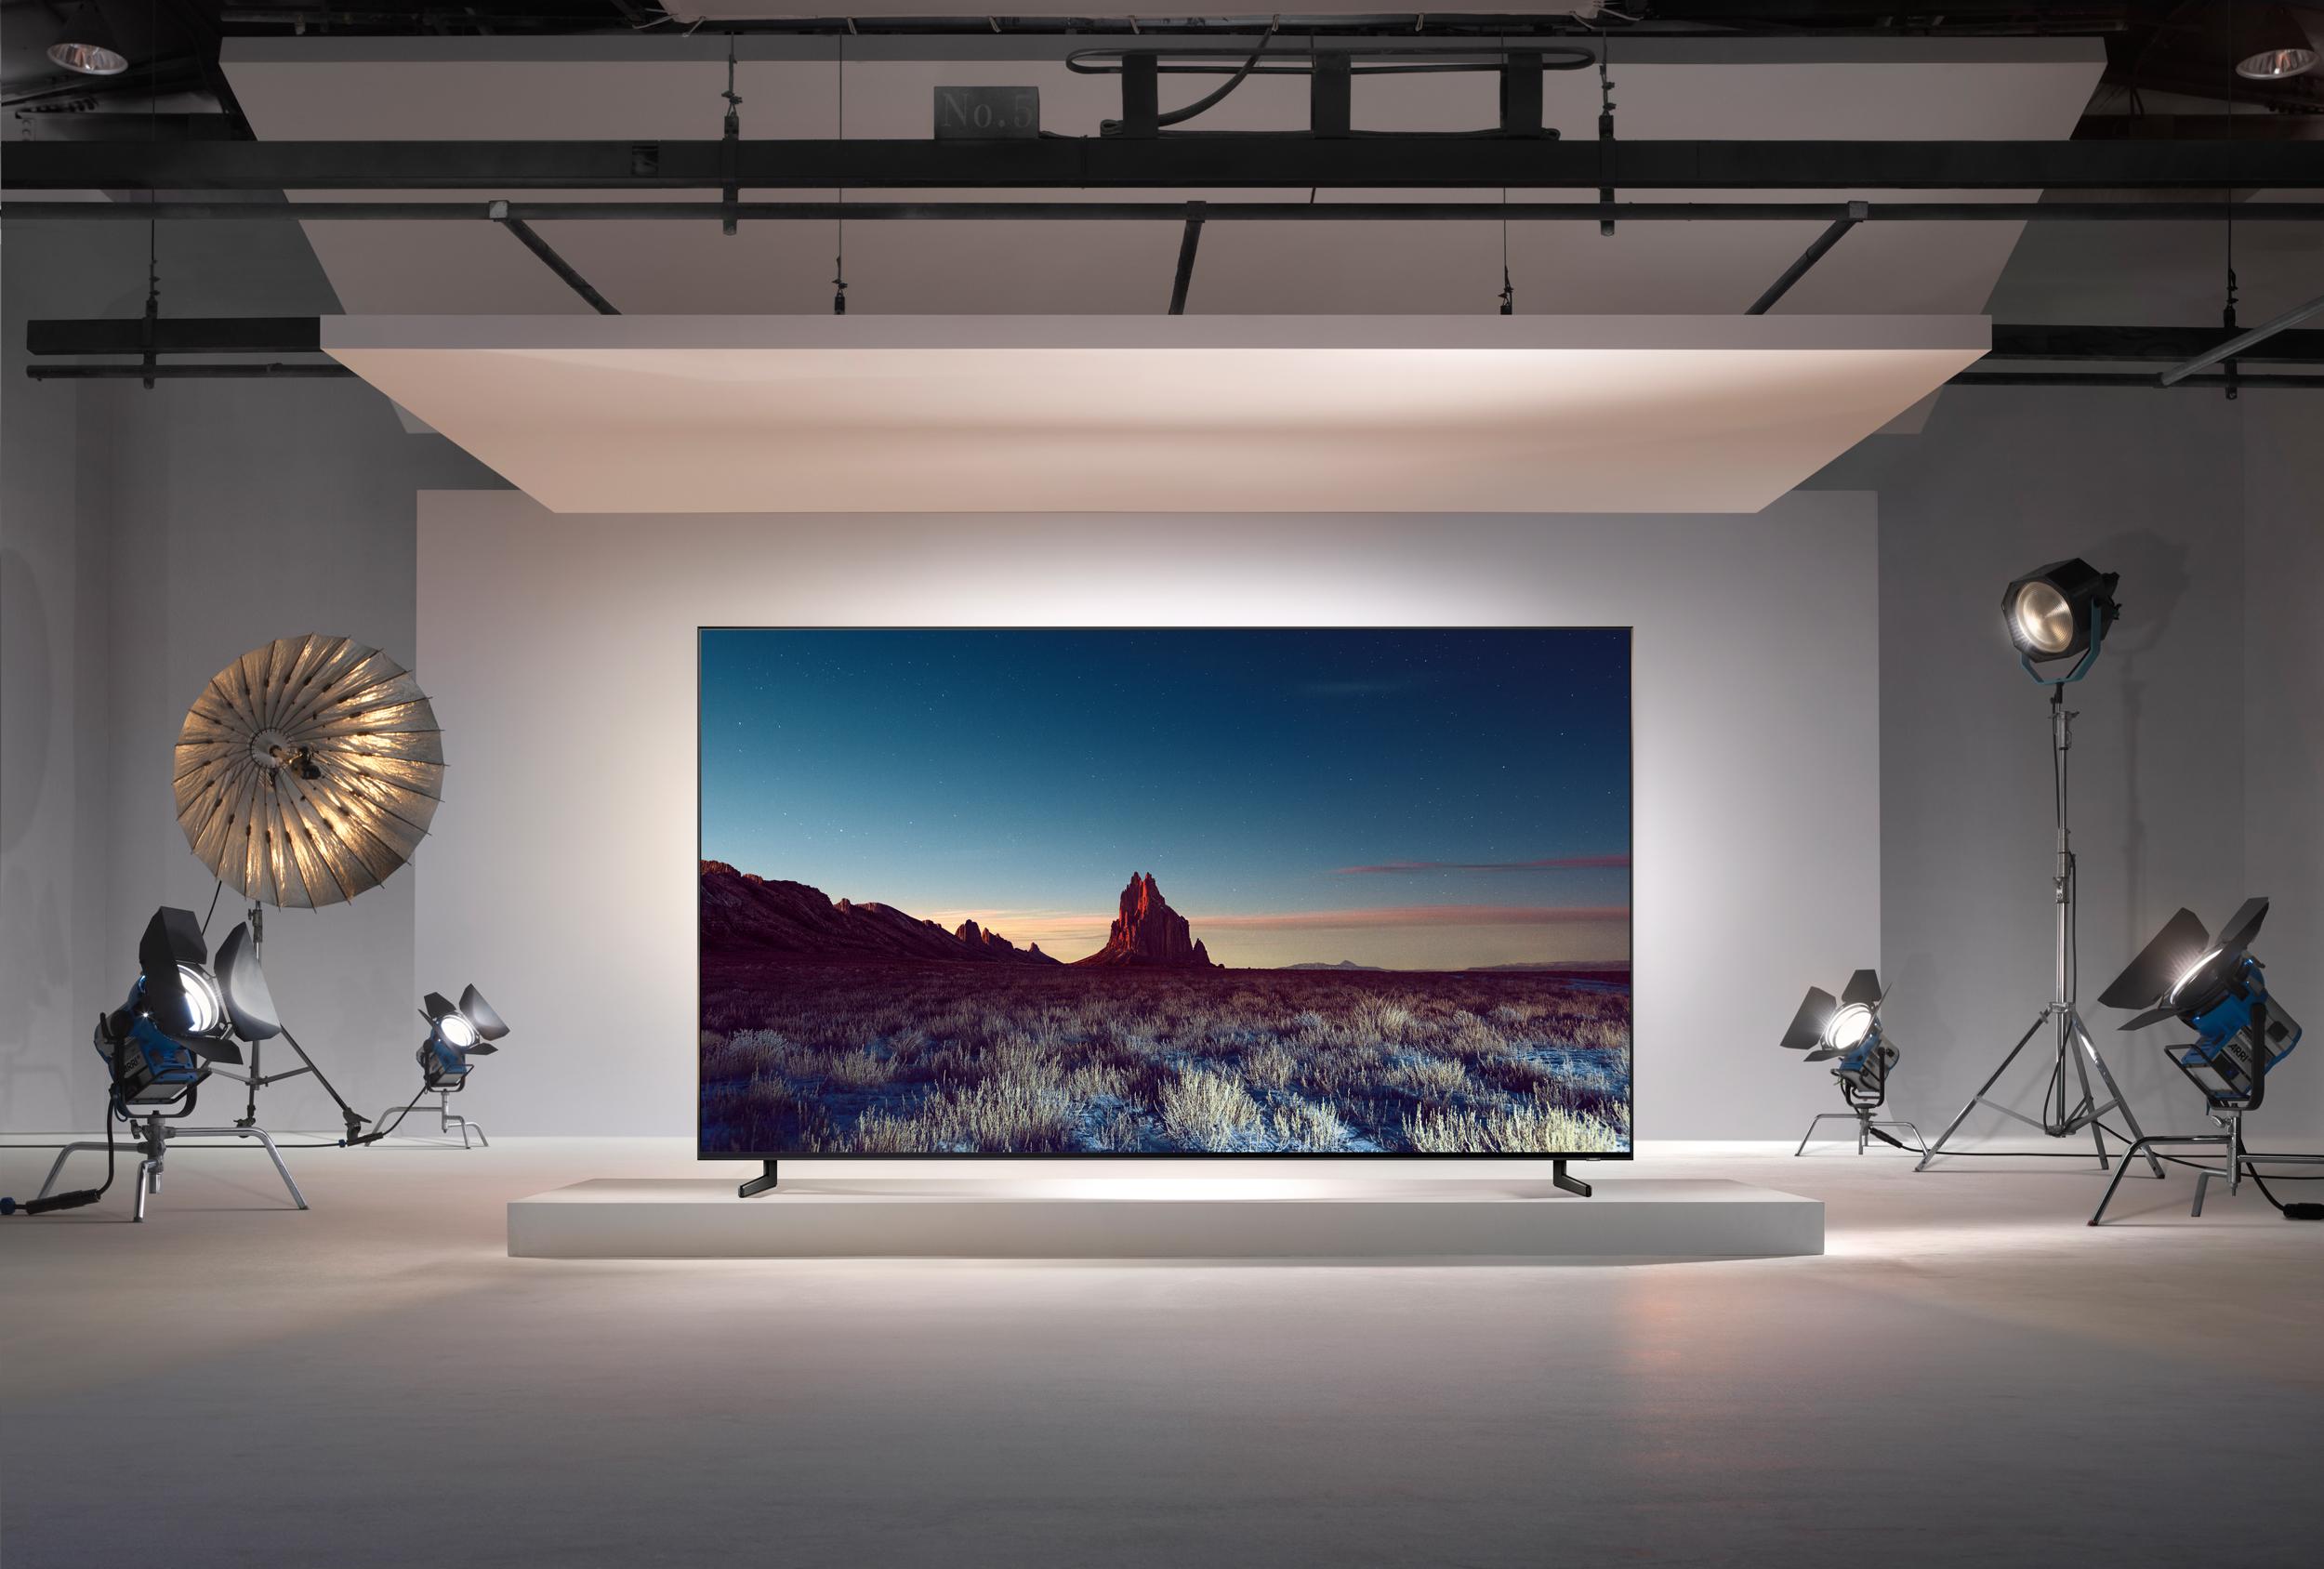 Samsung 8k Qled Tv Vorgestellt Ab Mitte Oktober Ab 65 Zoll Ab